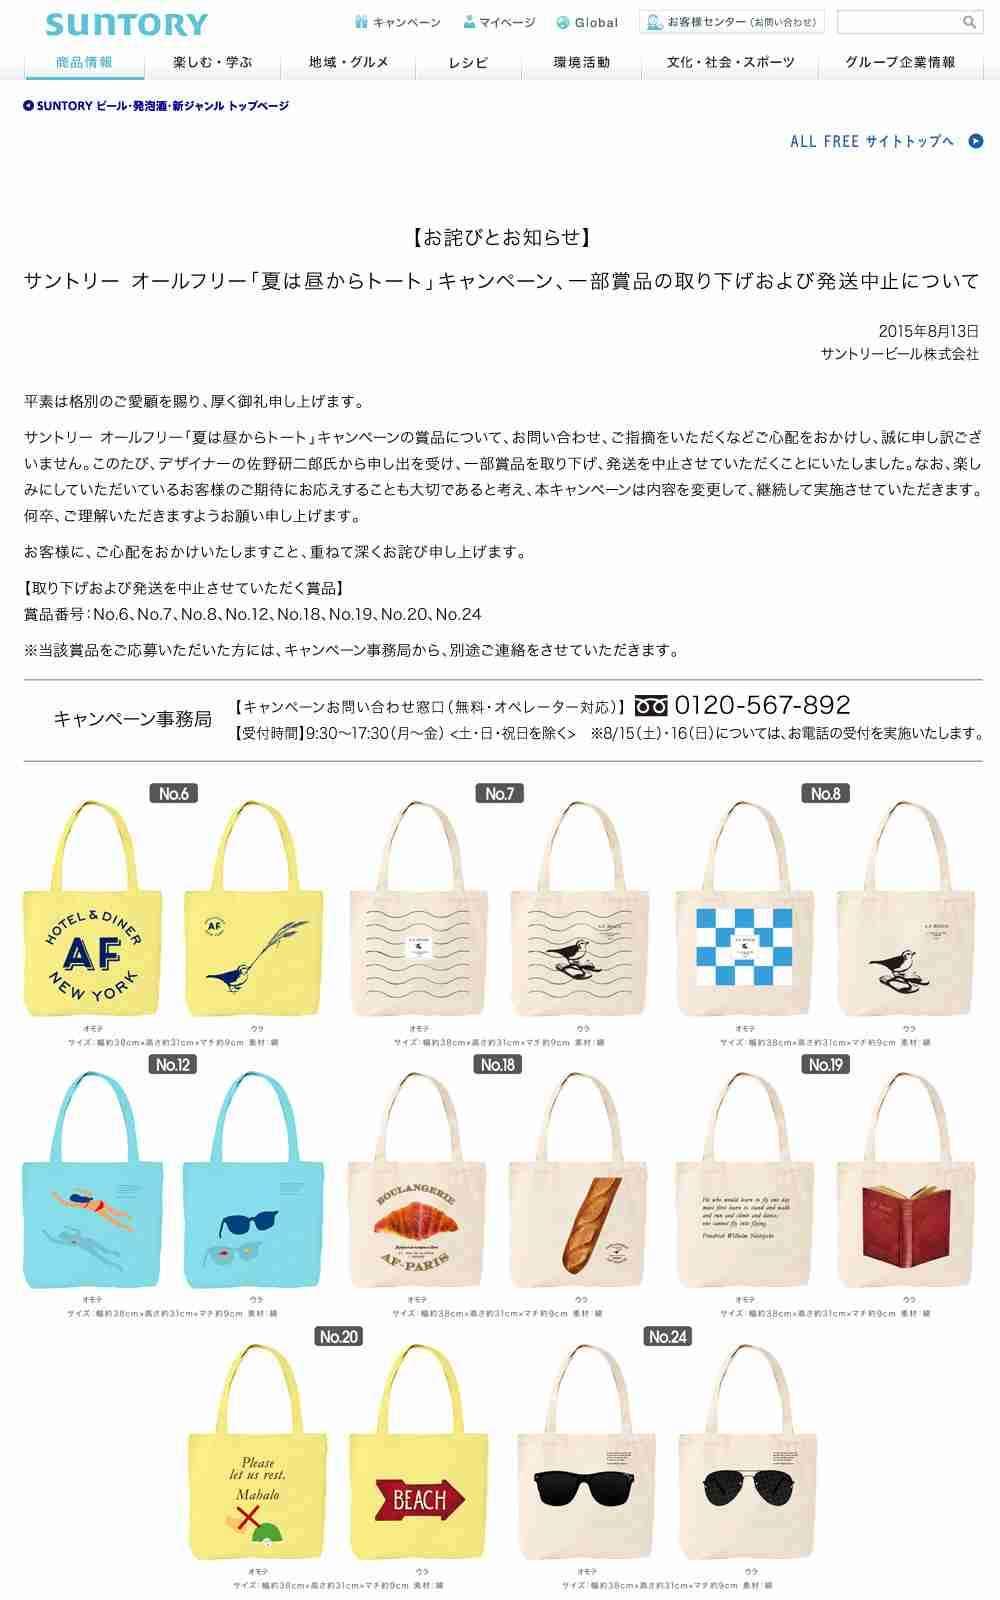 【五輪エンブレム問題】サントリー、佐野研二郎氏の申し出によりトートバッグの一部賞品を取り下げ